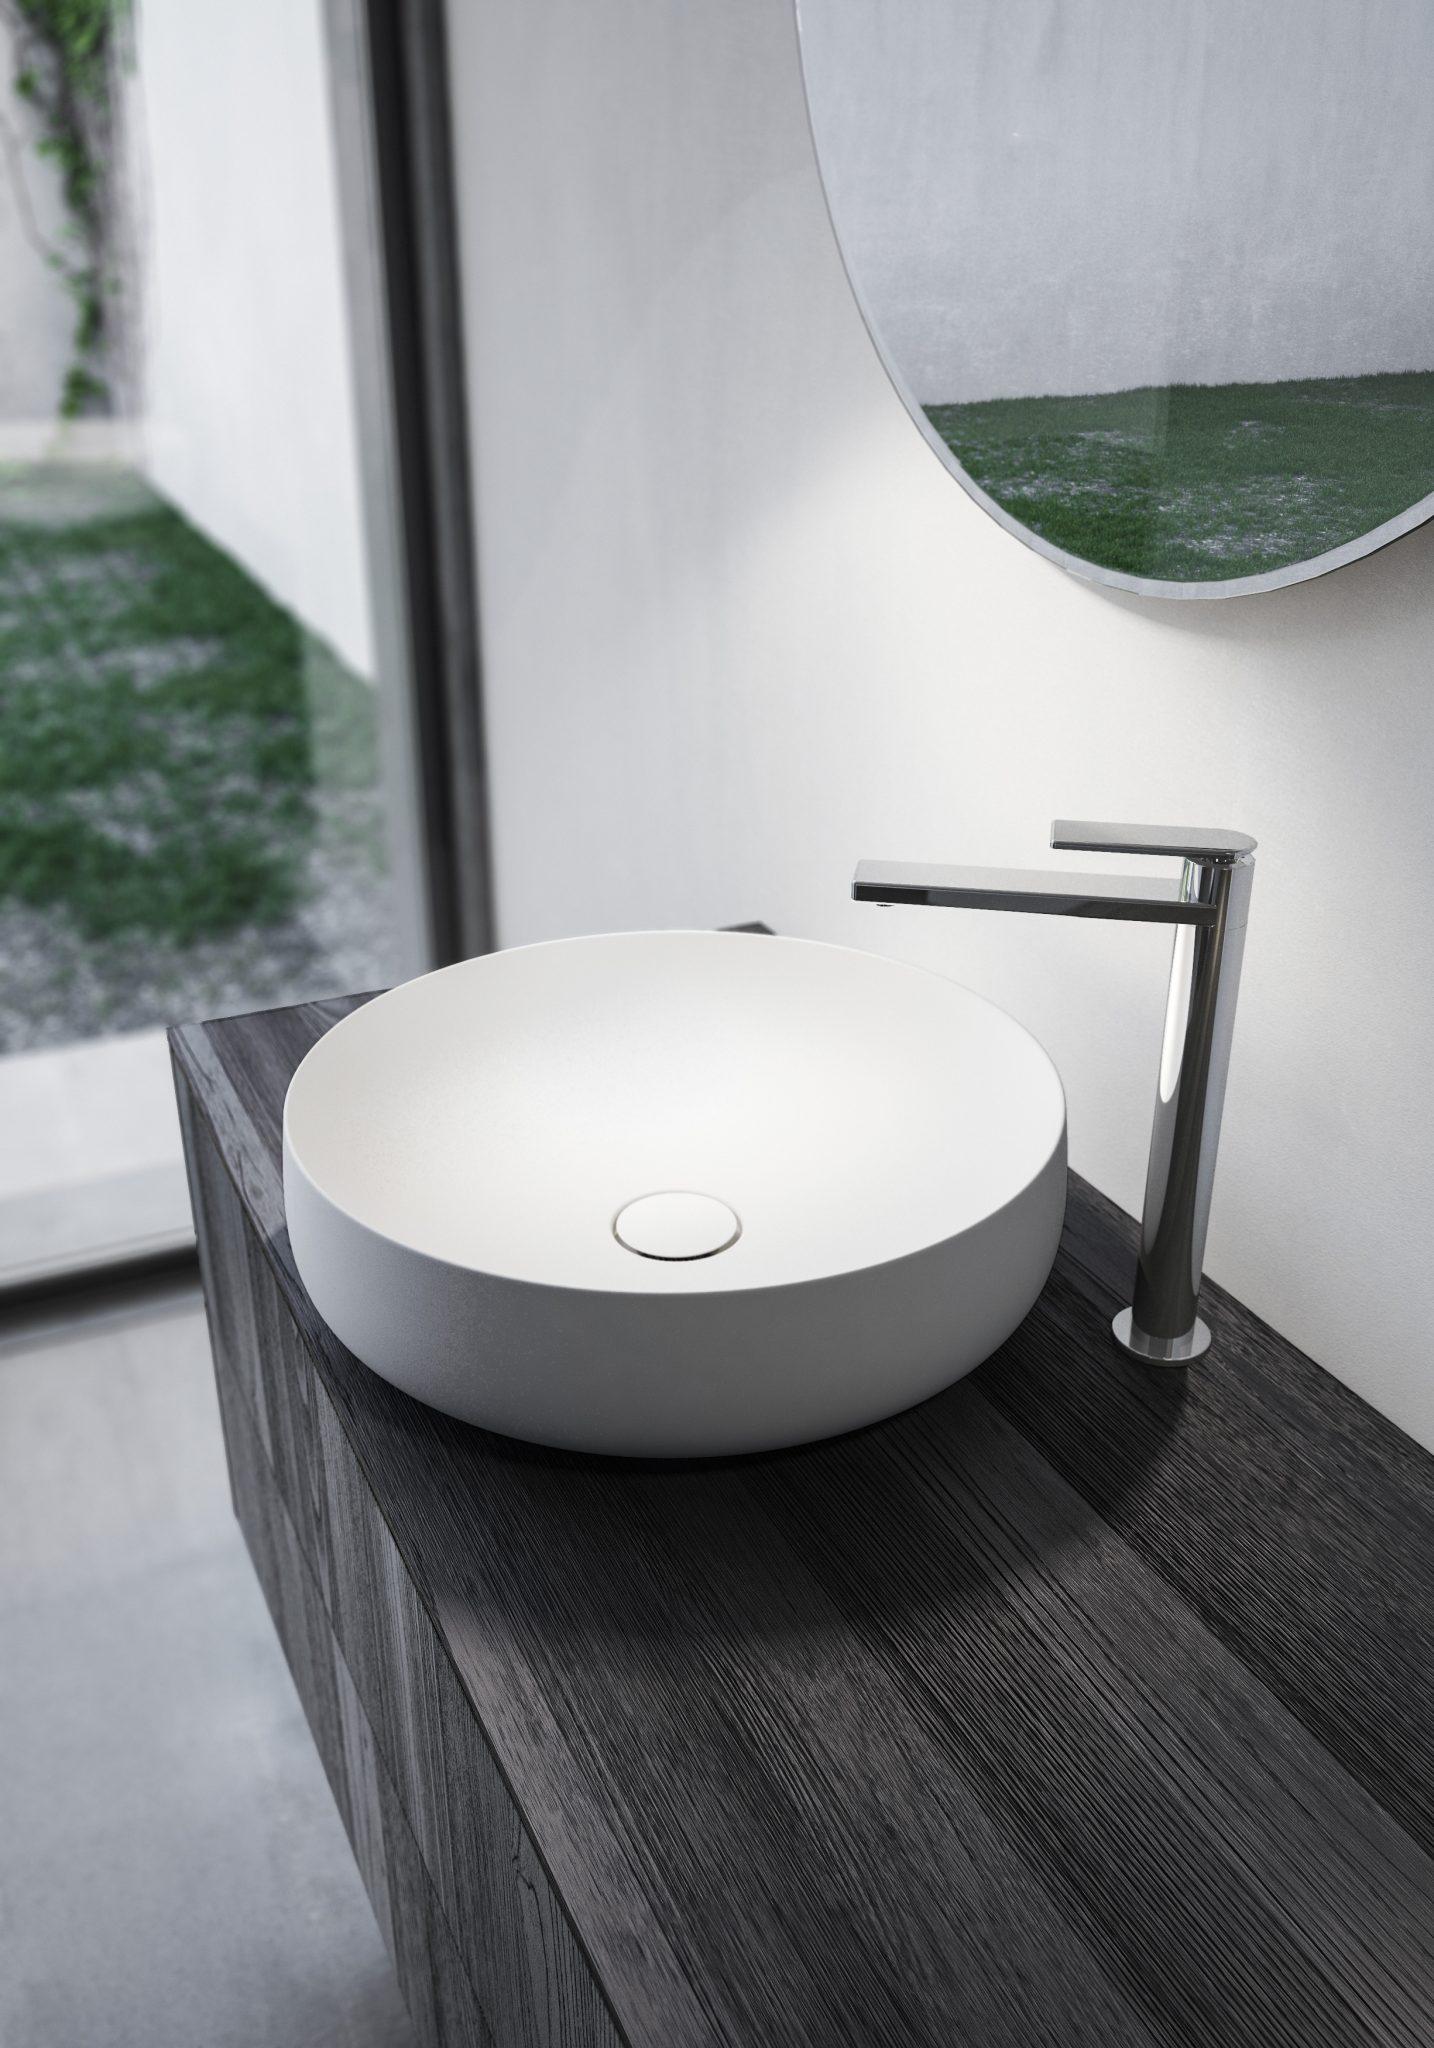 Bagno Legno E Bianco : Bagno vintage bianco e nero interno del bagno in bianco e nero